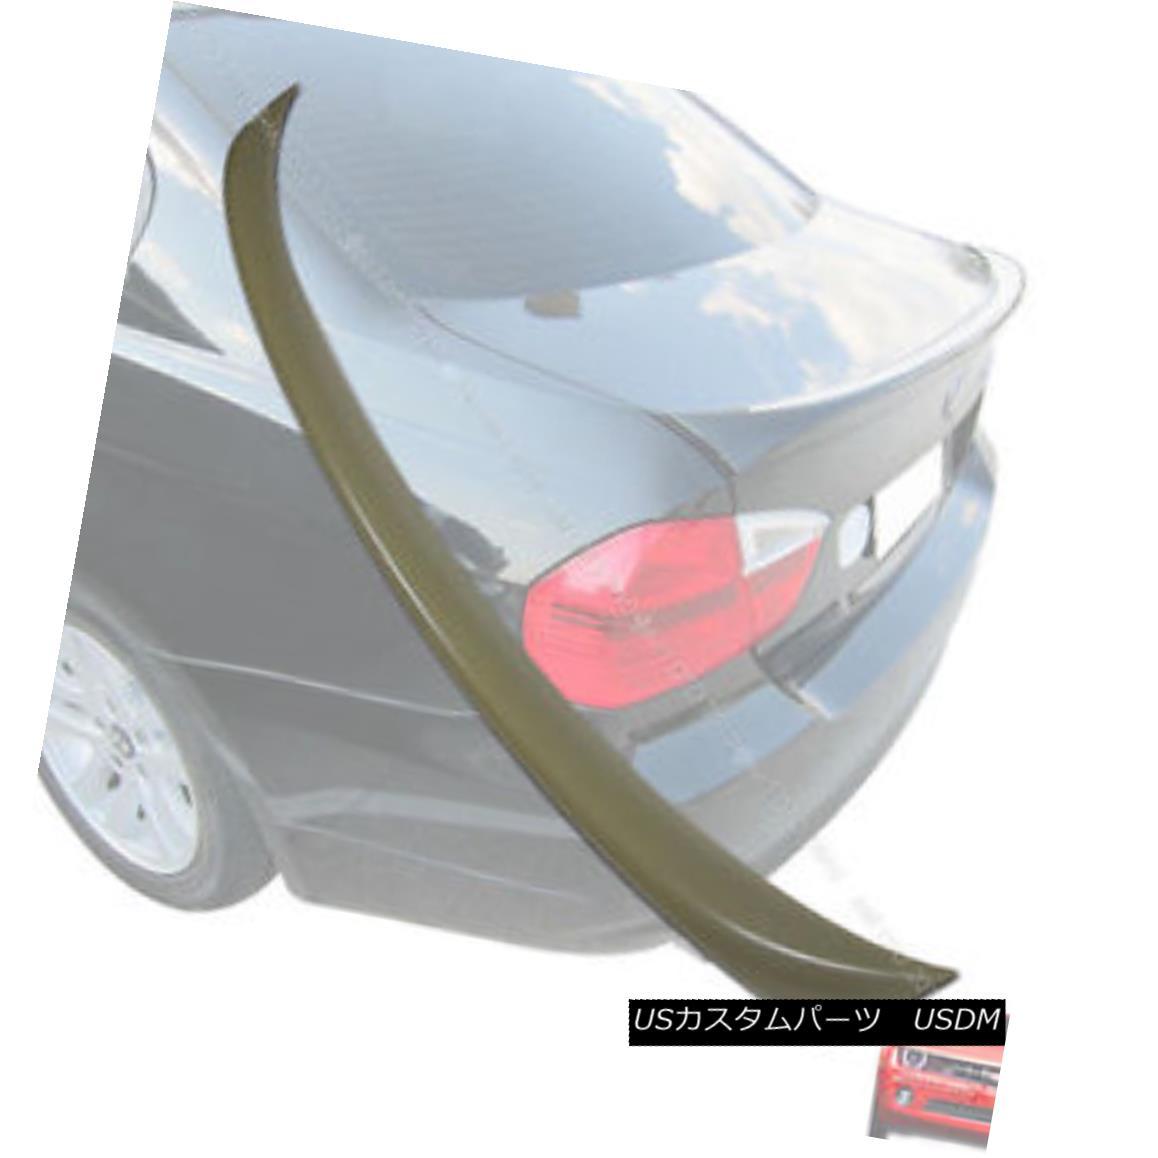 エアロパーツ E90 BMW OE style 2006-2011 3-Series Boot Trunk Spoiler Rear Wing E90 BMW OEスタイル2006-2011 3-Series Boot Trunk Spoilerリアウイング